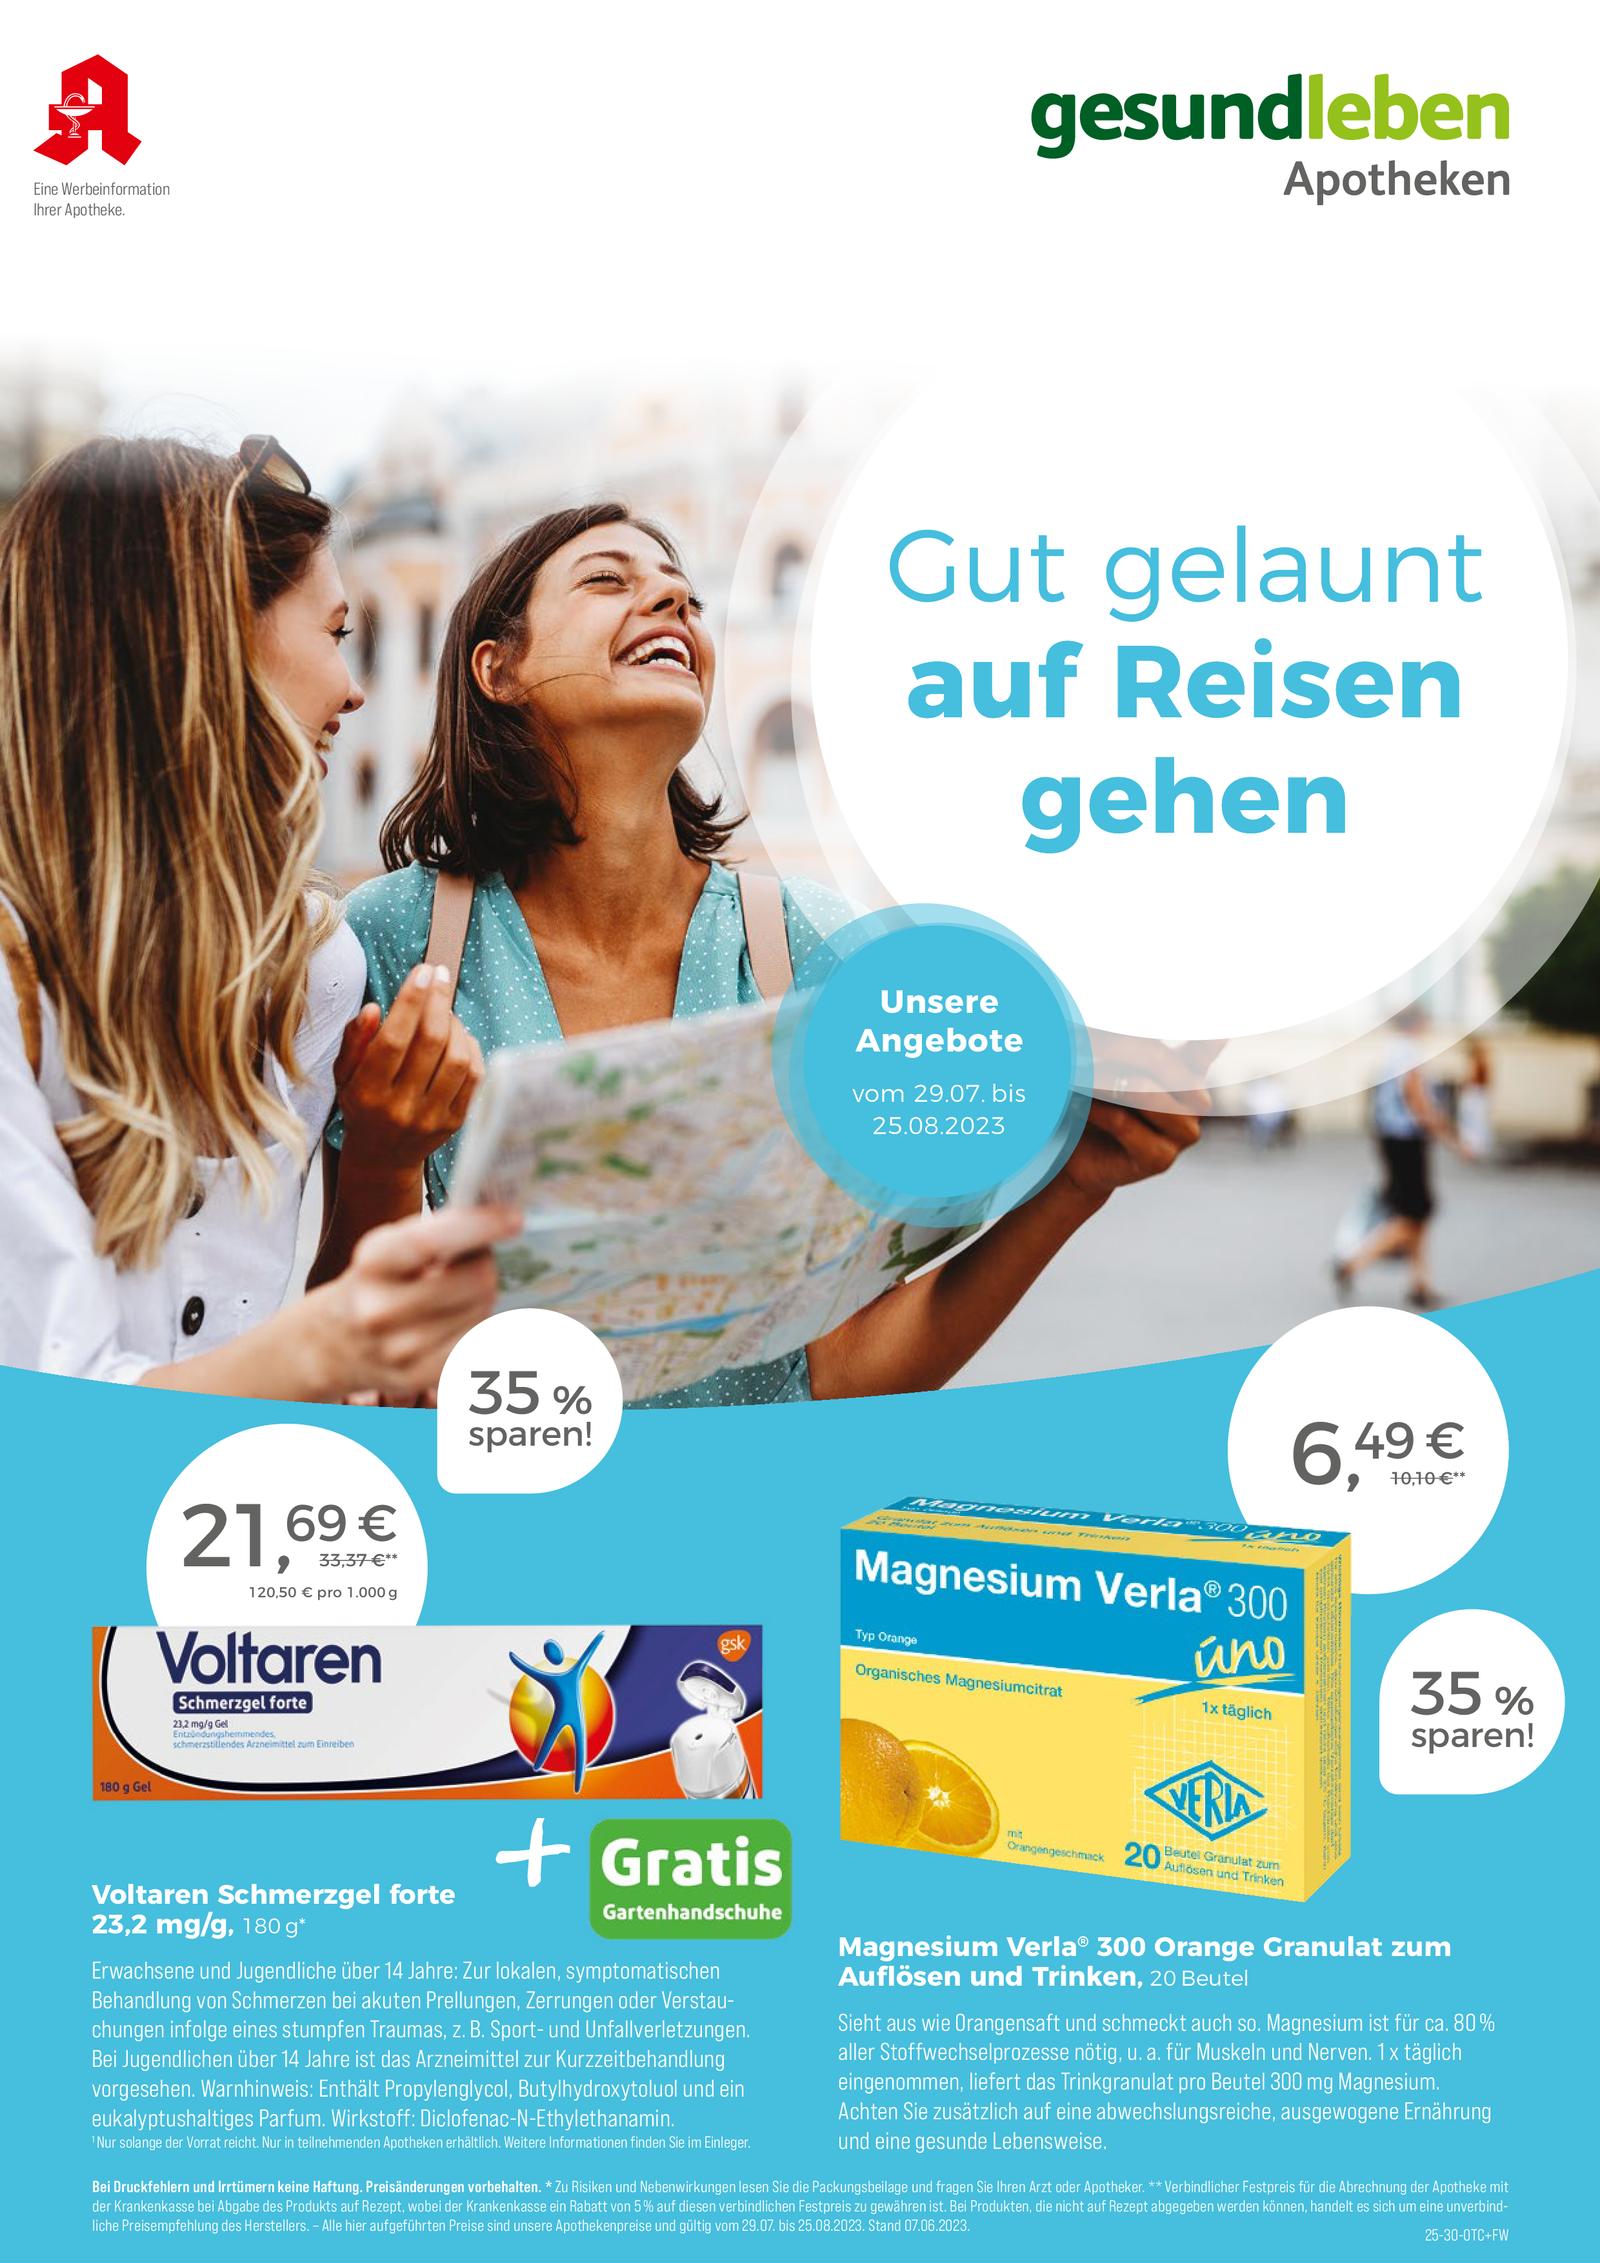 https://mein-uploads.apocdn.net/27677/leaflets/gesundleben_hoch-Seite1.png